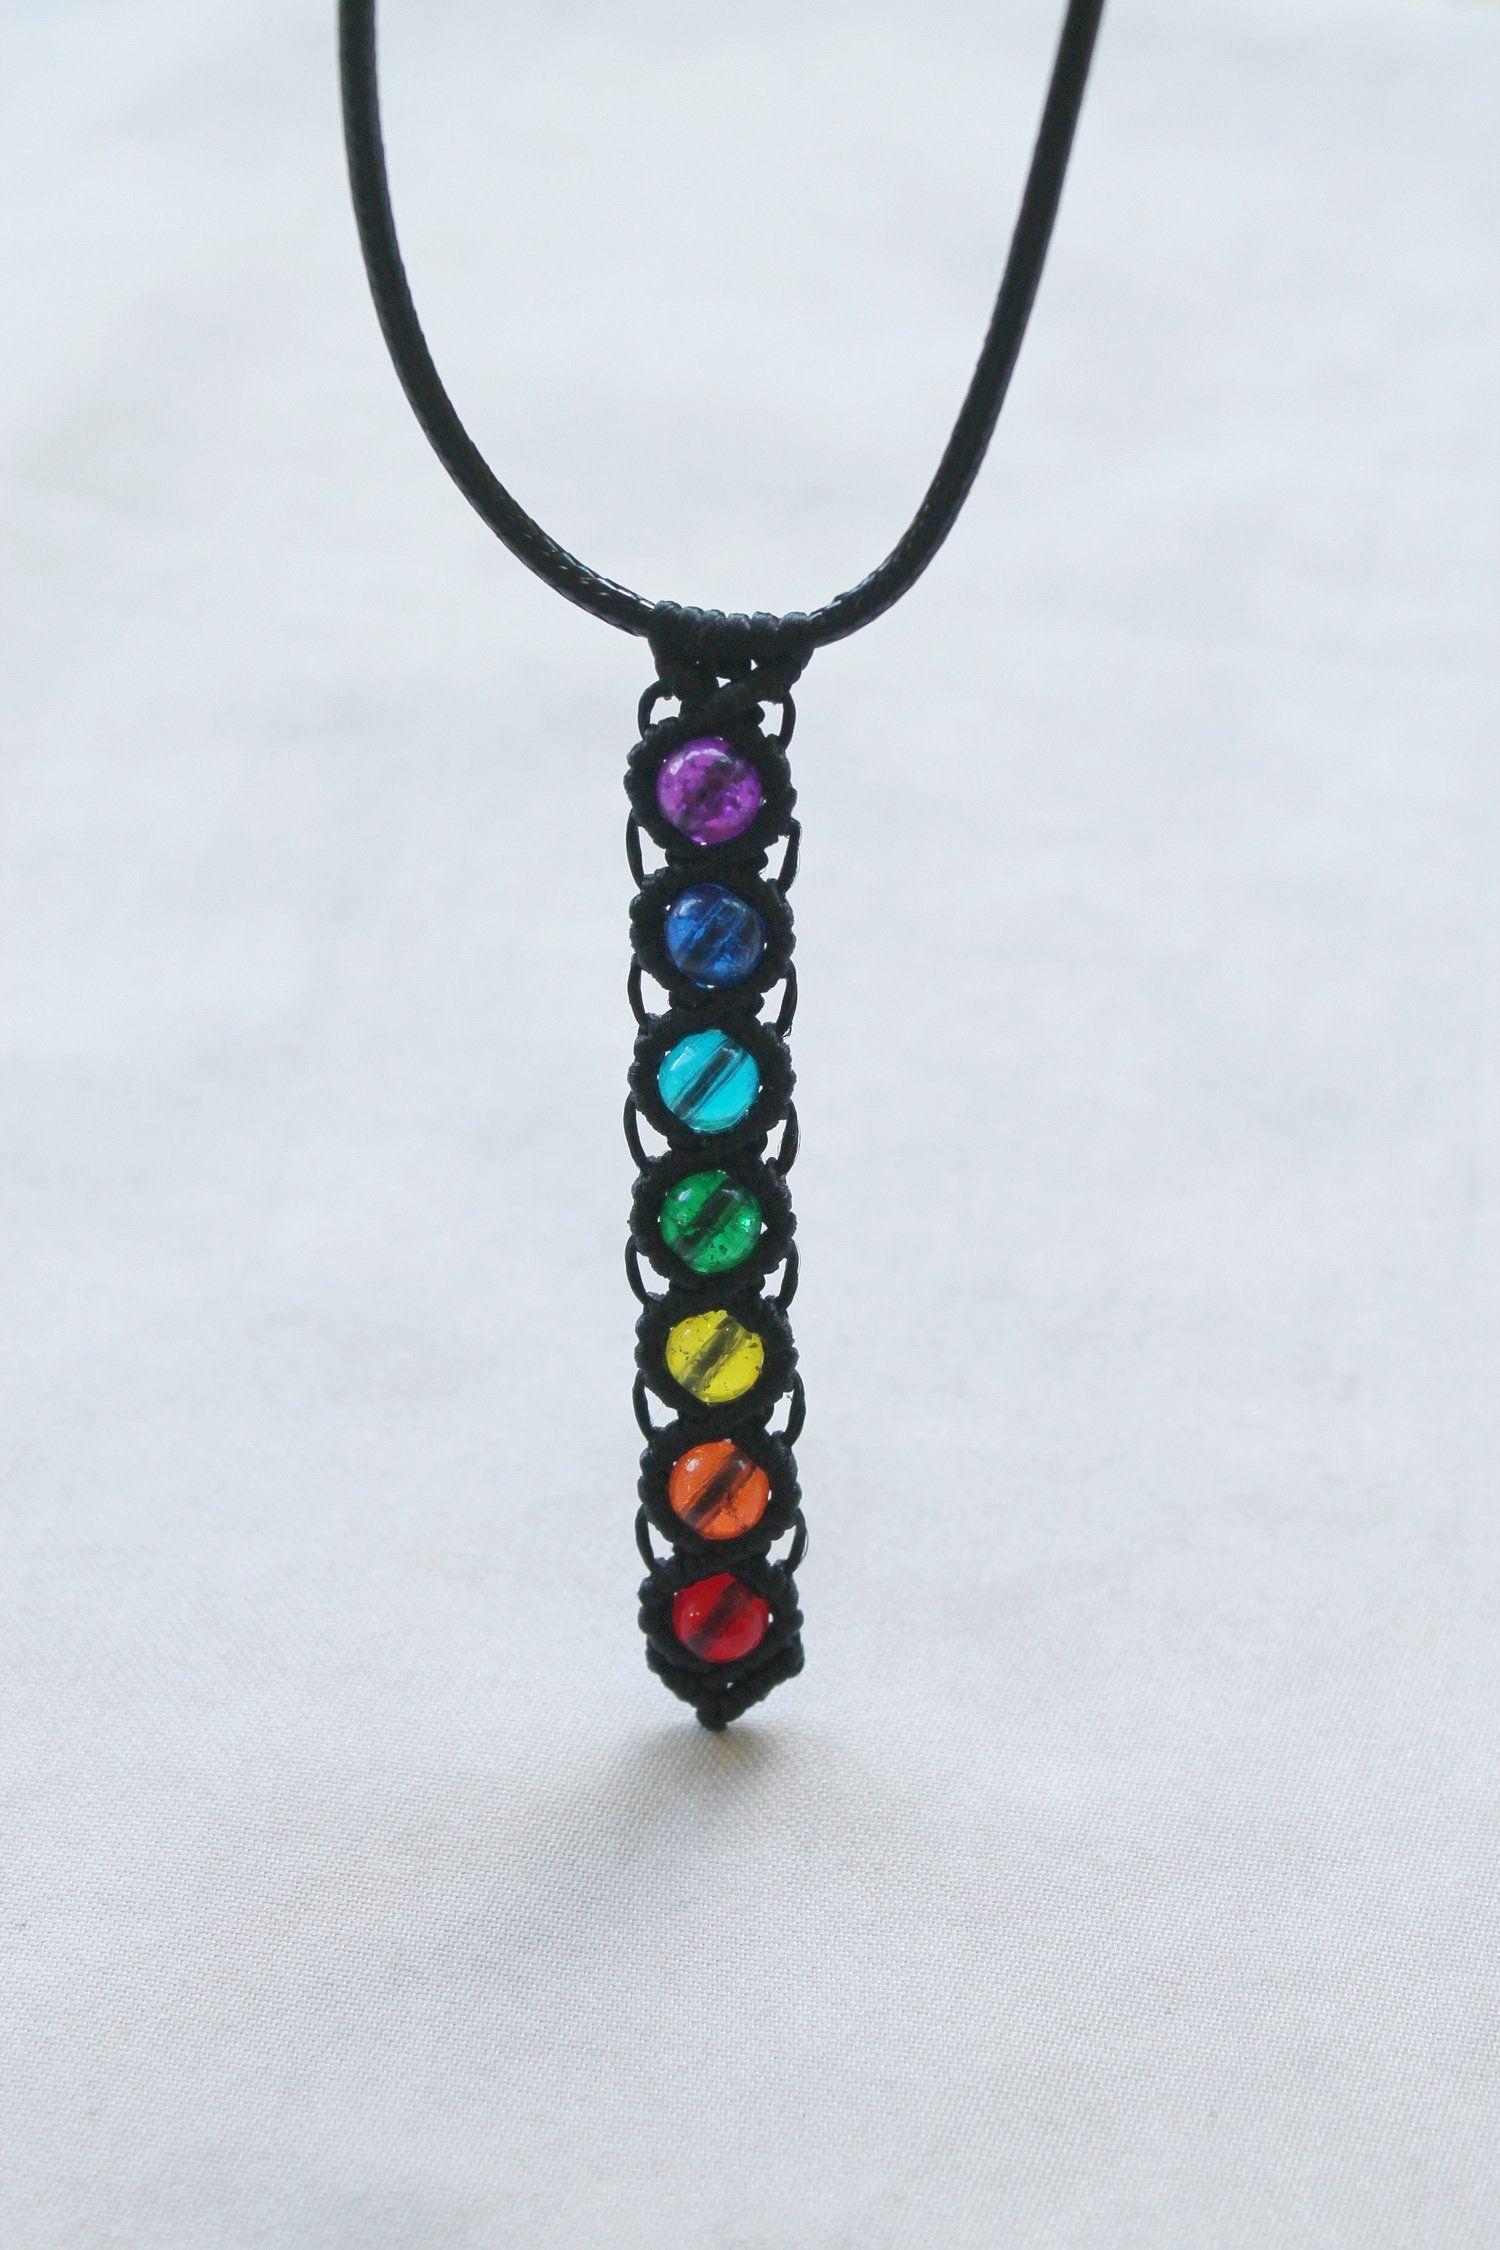 7 Chakra Necklace seven chakra pendant dreamcatcher necklace rainbow necklace yoga necklace Meditation Necklace chakra jewelry reiki jewelry